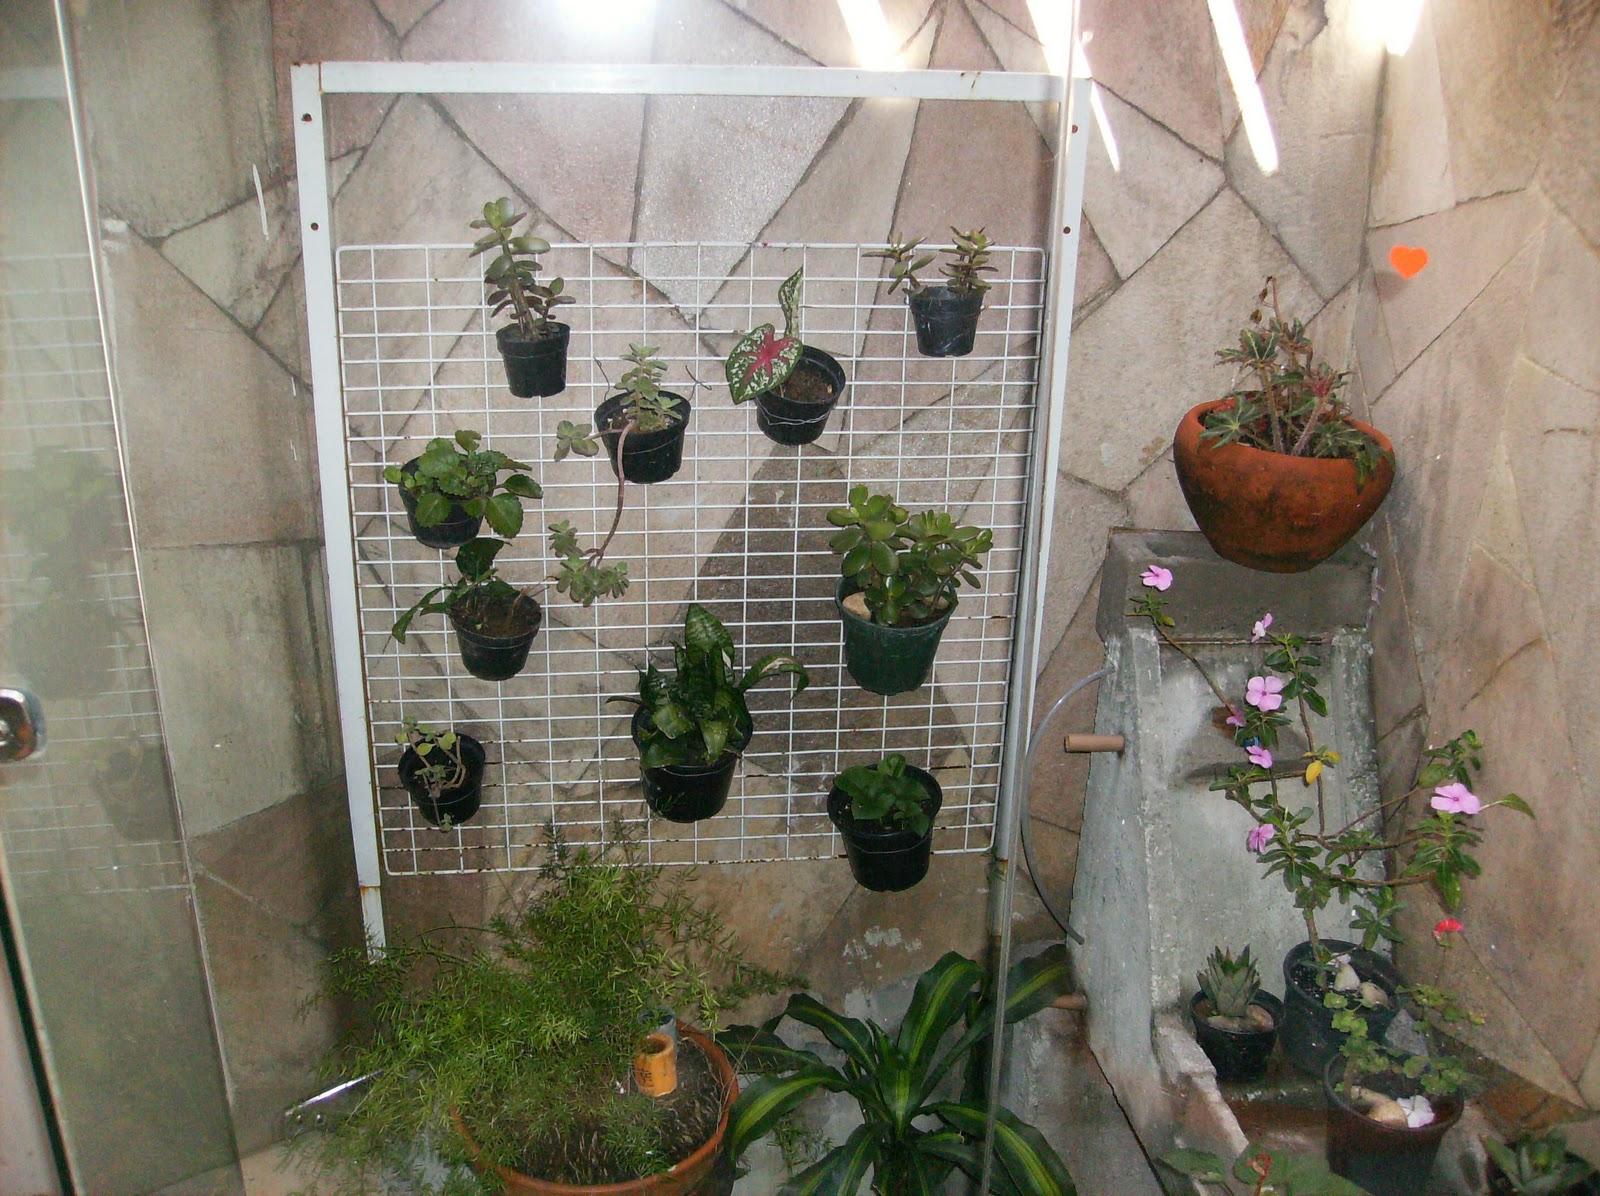 jardim de inverno dentro de casa muitos as conhece como área de luz